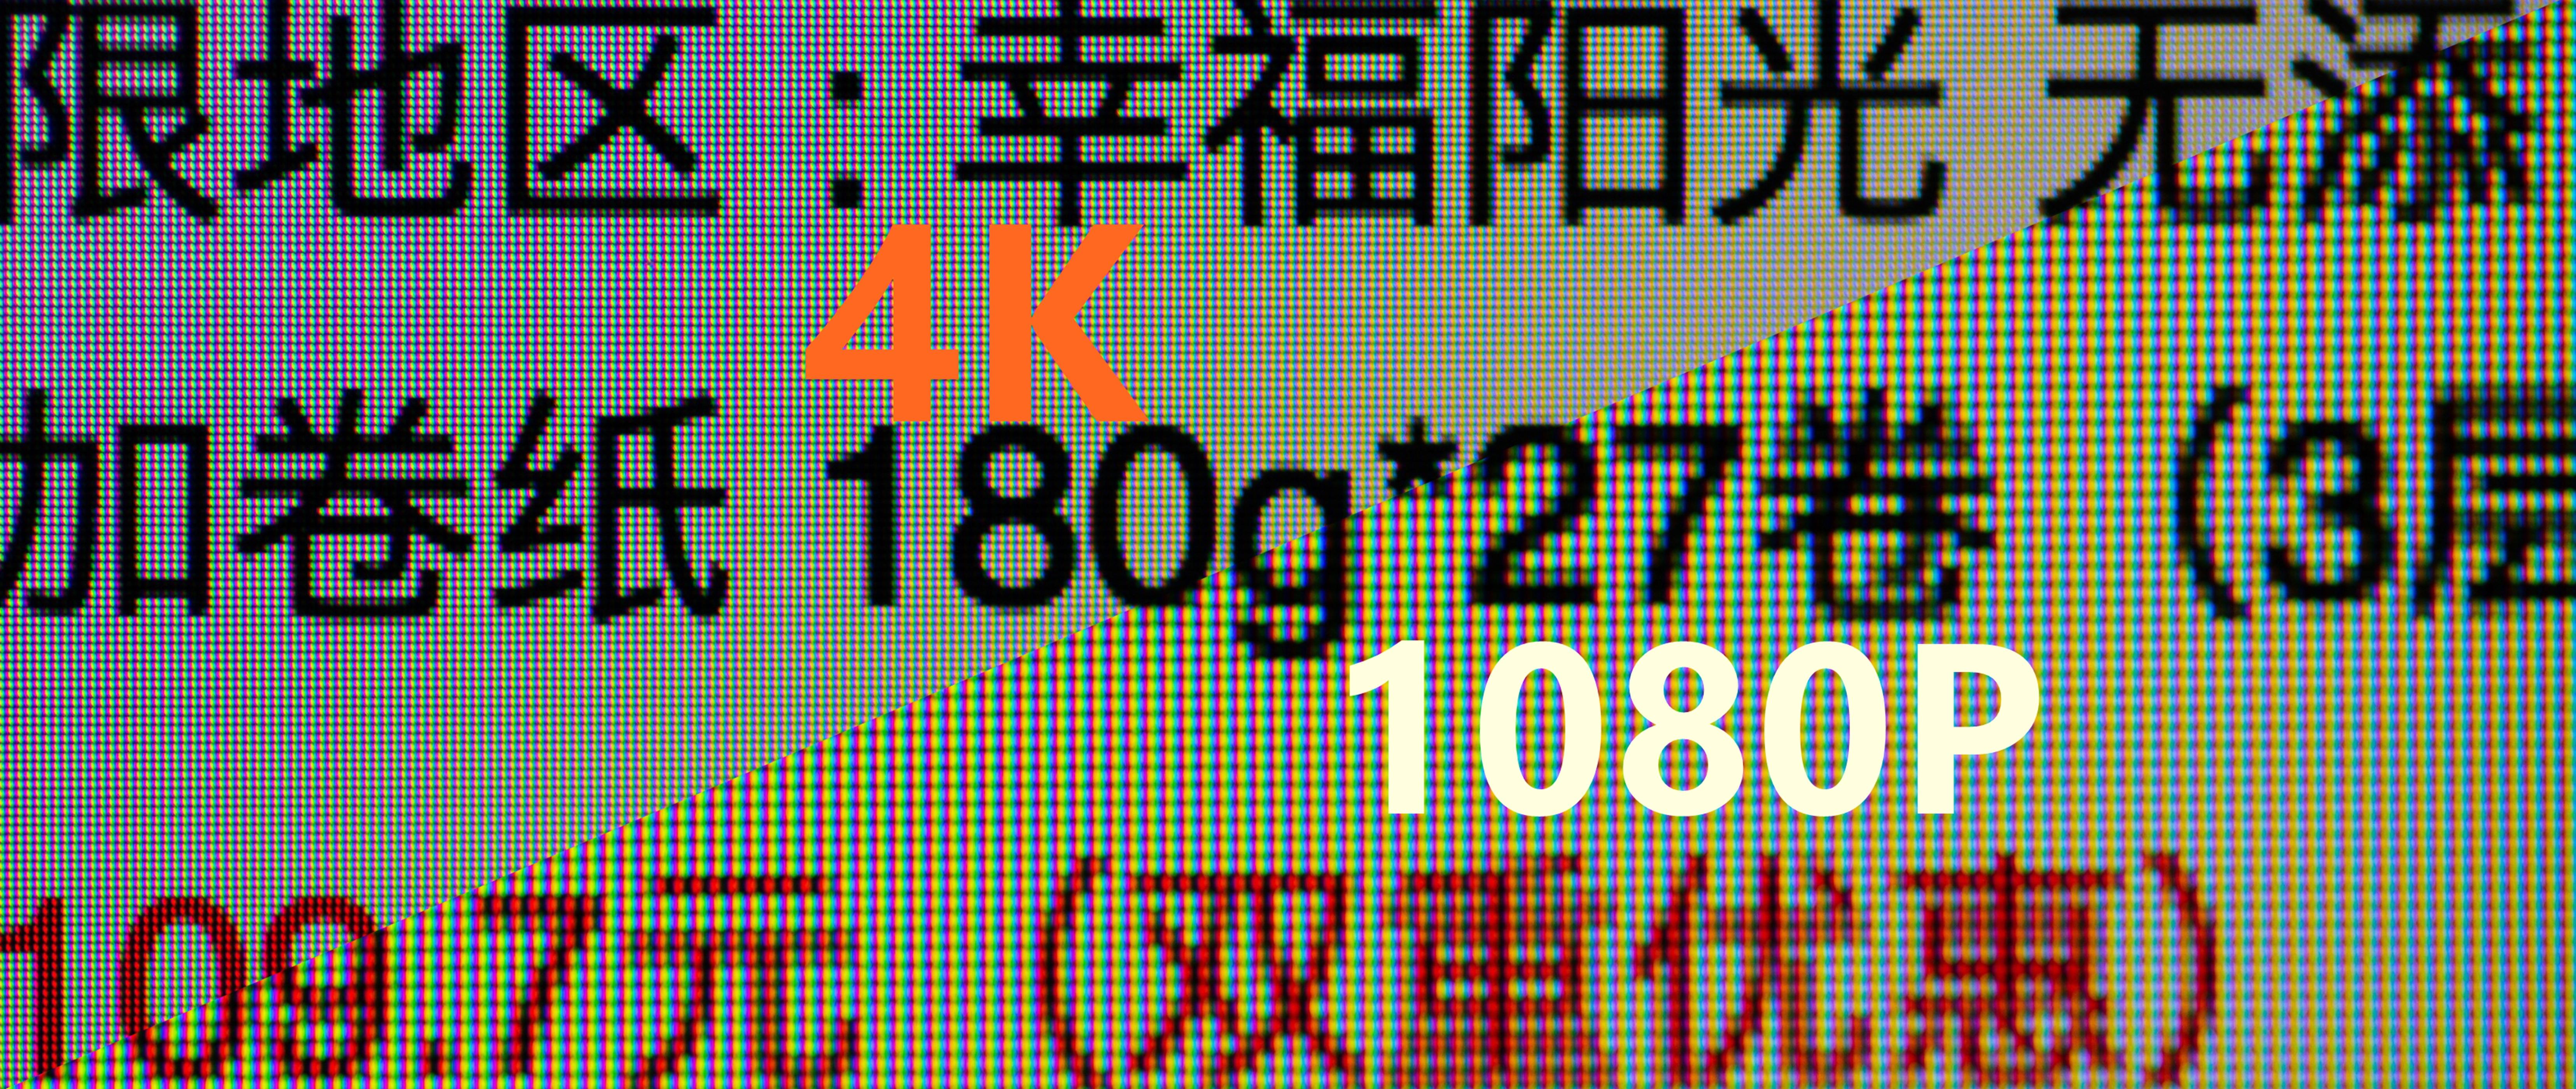 升级MacBook Pro外接显示器—DELL 戴尔 U2718Q 27英寸4K显示器开箱及使用评测(含与U2414H对比)